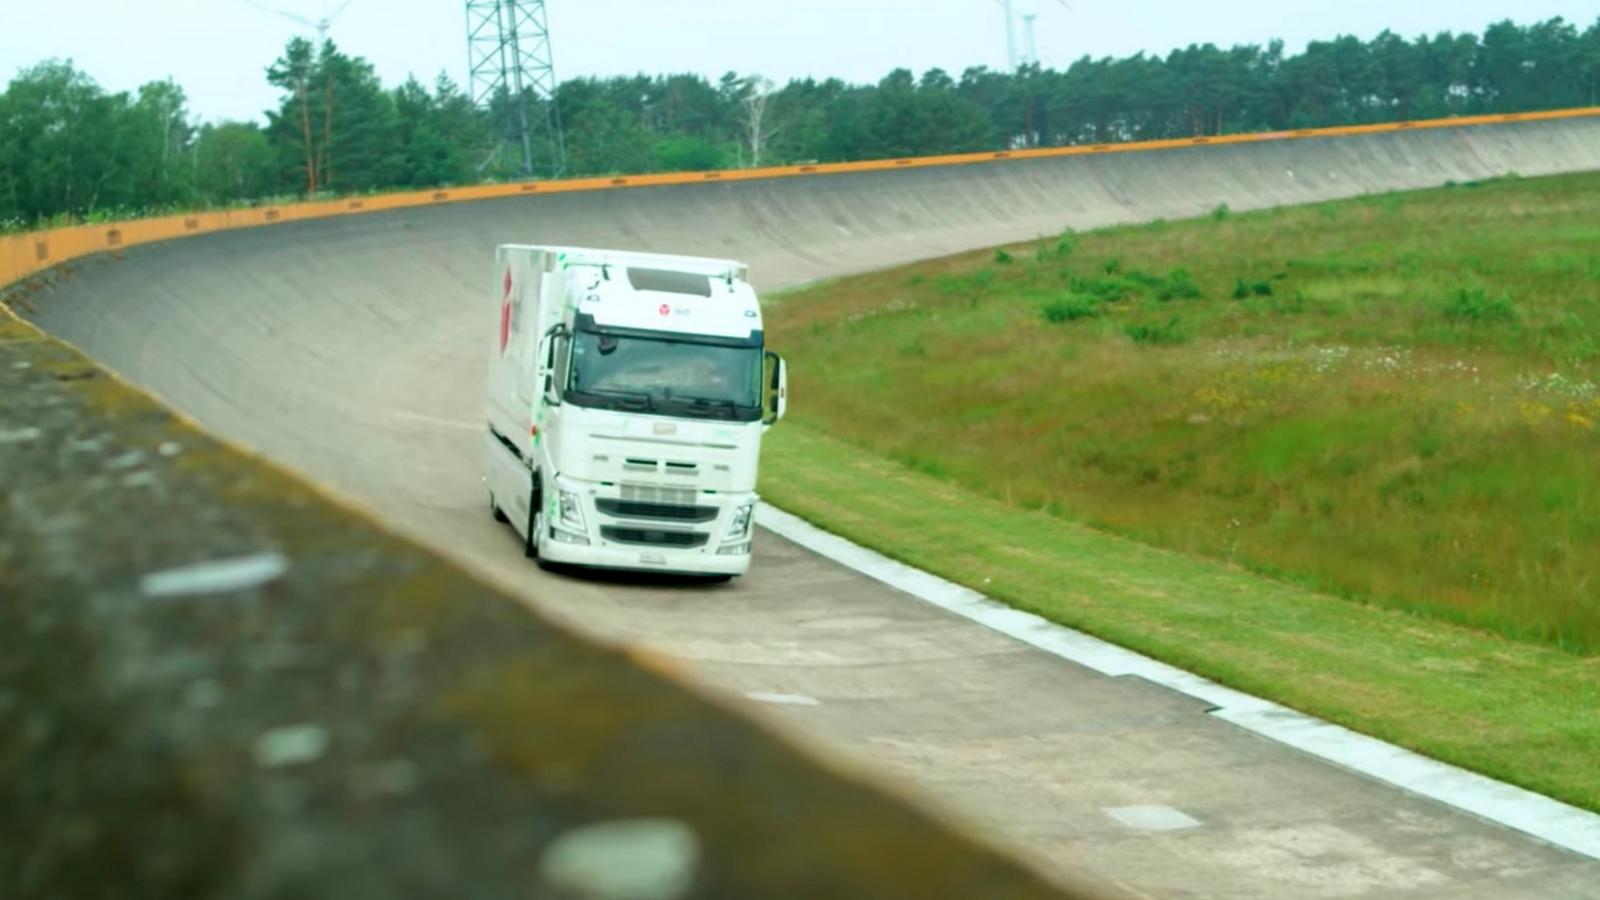 Xe tải điện Futuricum lập kỷ lục Guinness thế giới đi được 1.099 km trong một lần sạc